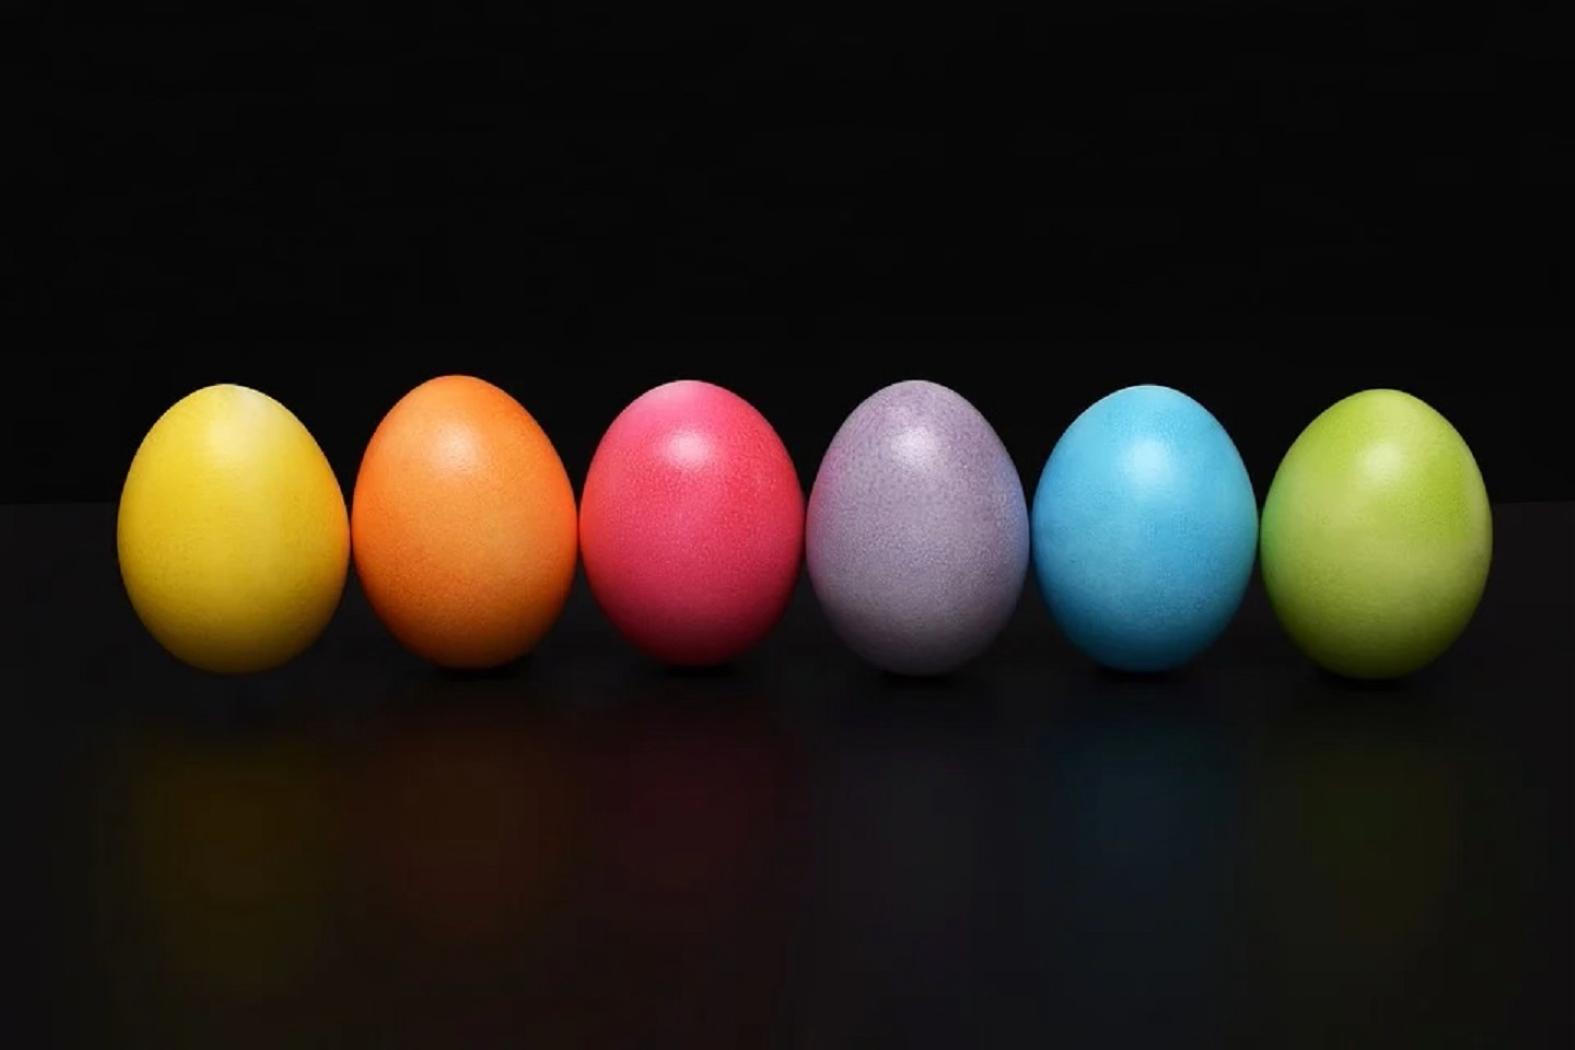 Zdrowych i Wesołych Świąt Wielkanocnych